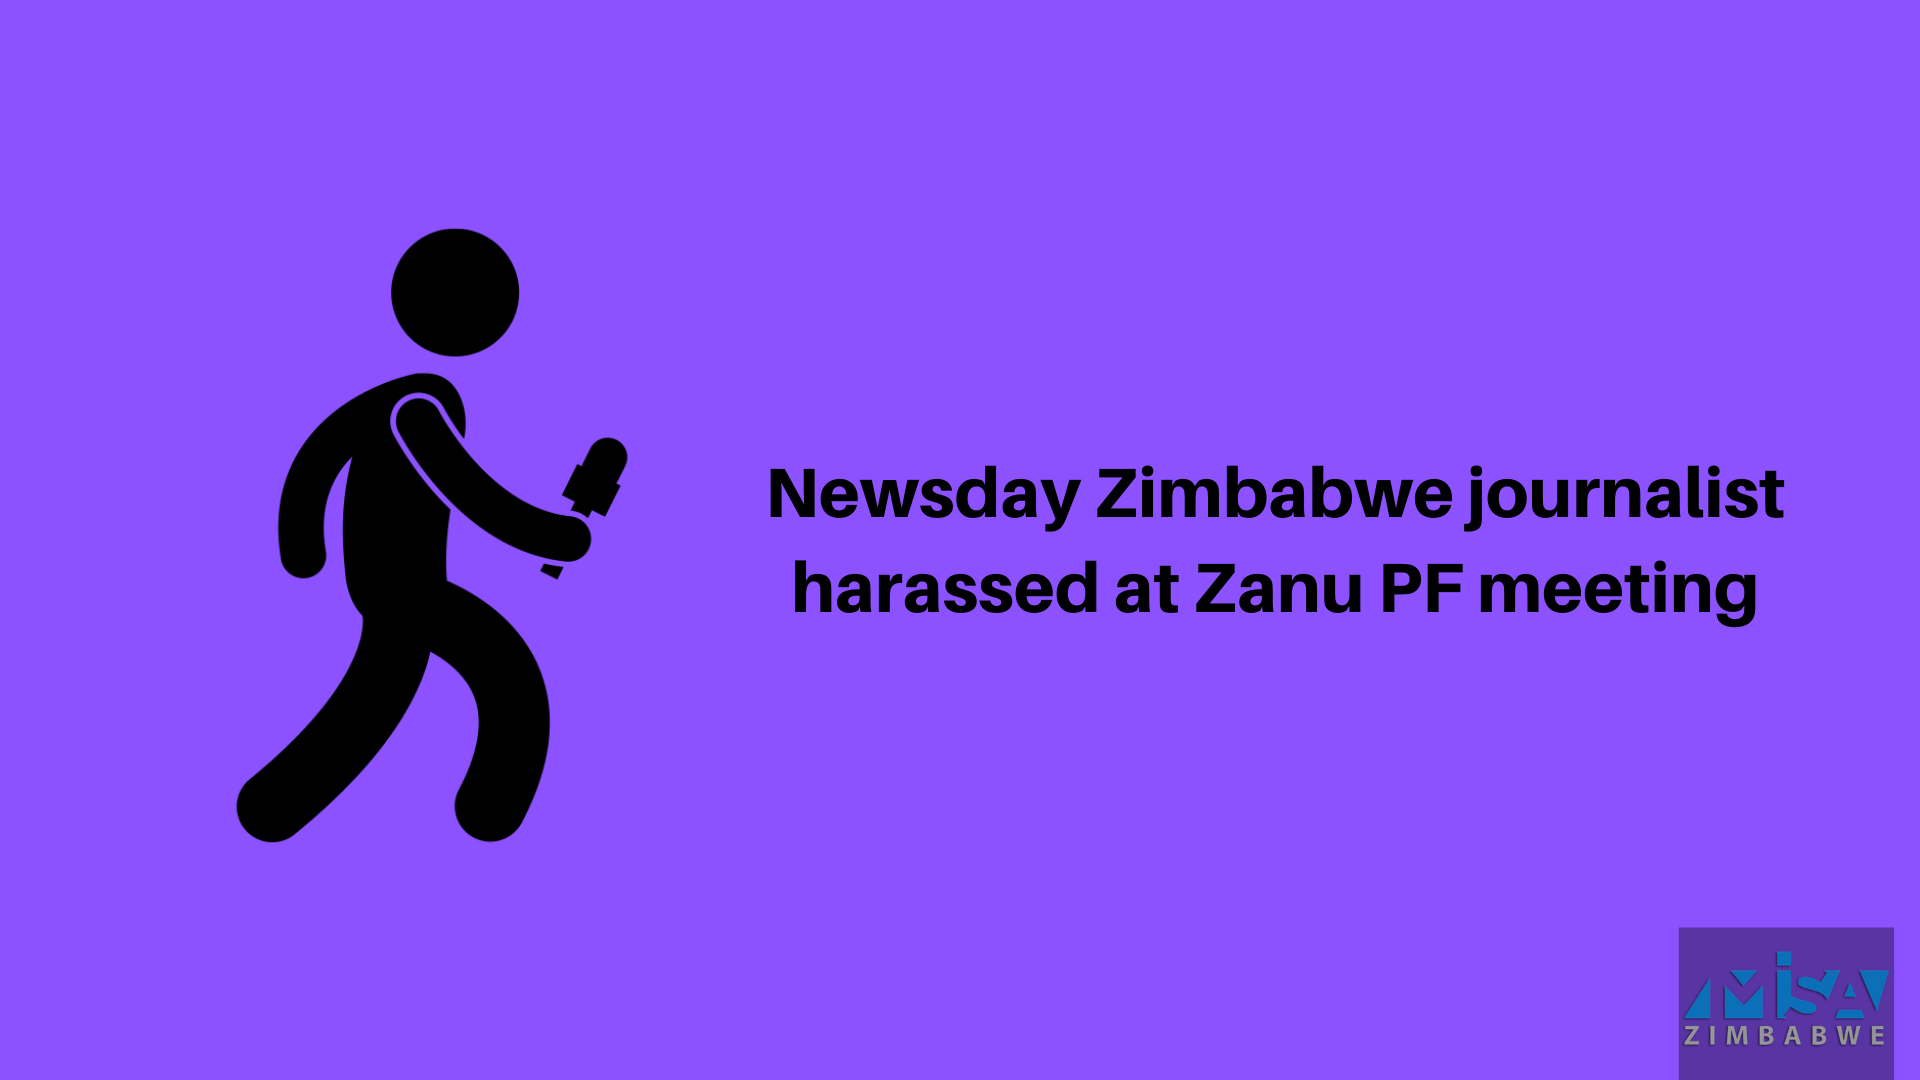 Newsday Zimbabwe journalist harassed at Zanu PF meeting